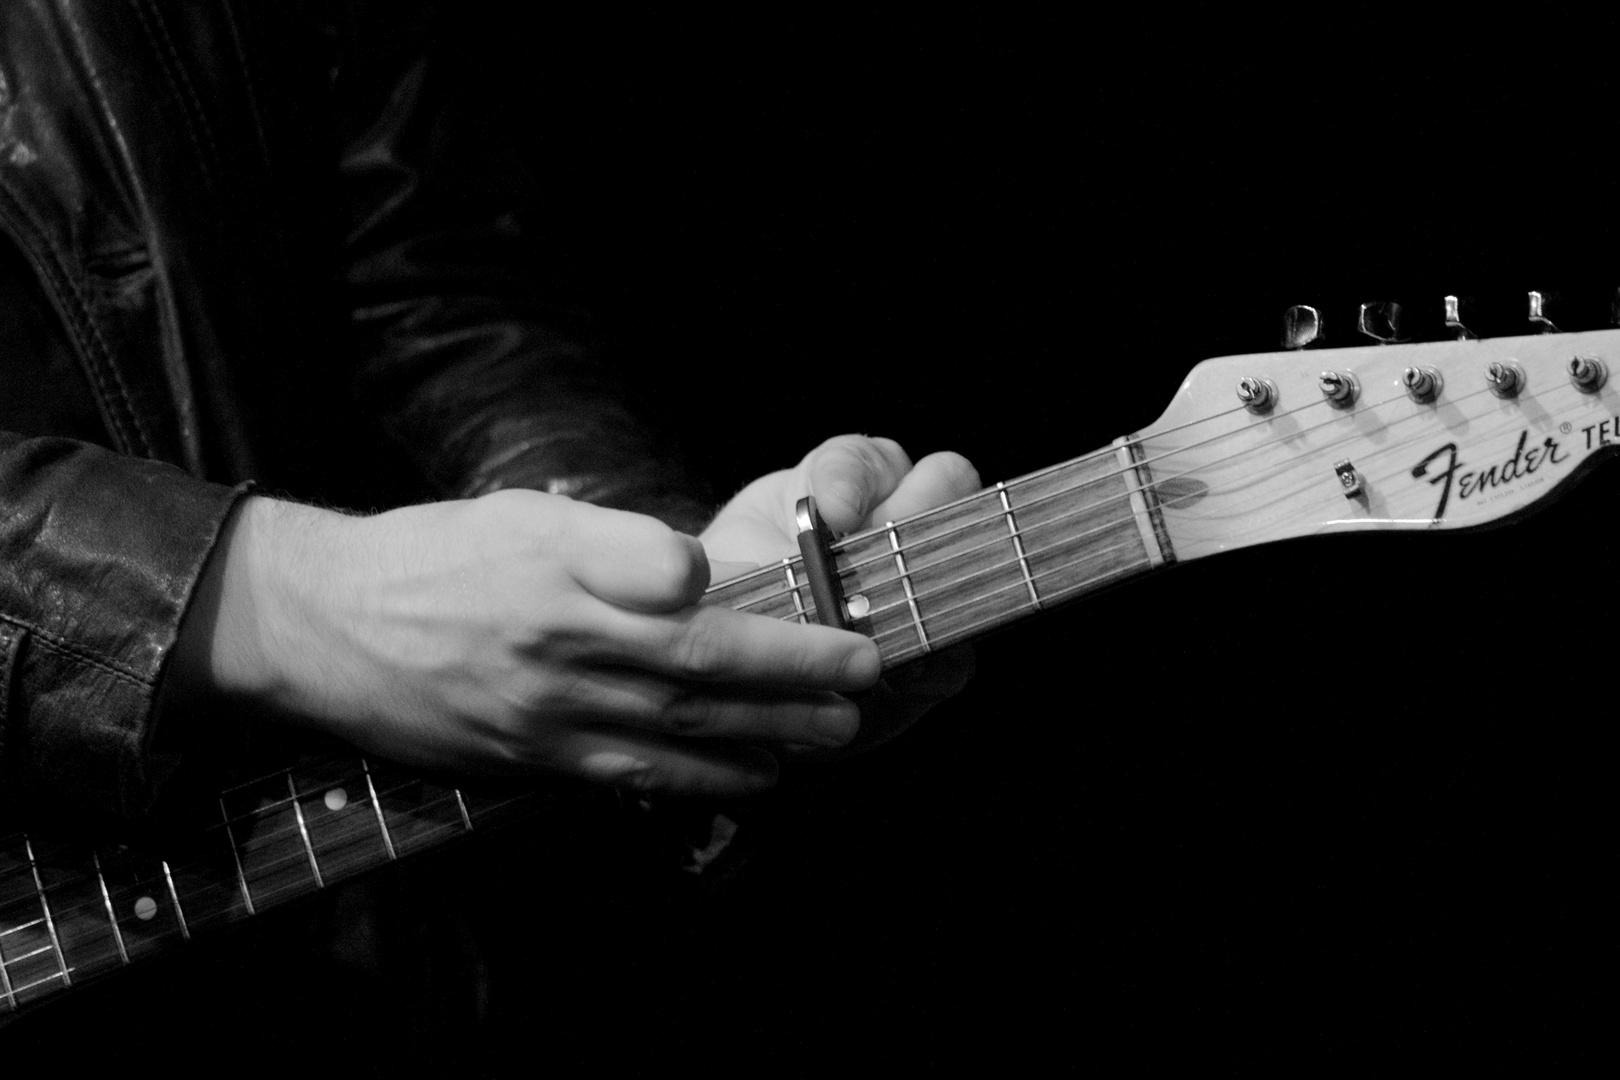 Fender - Spiele